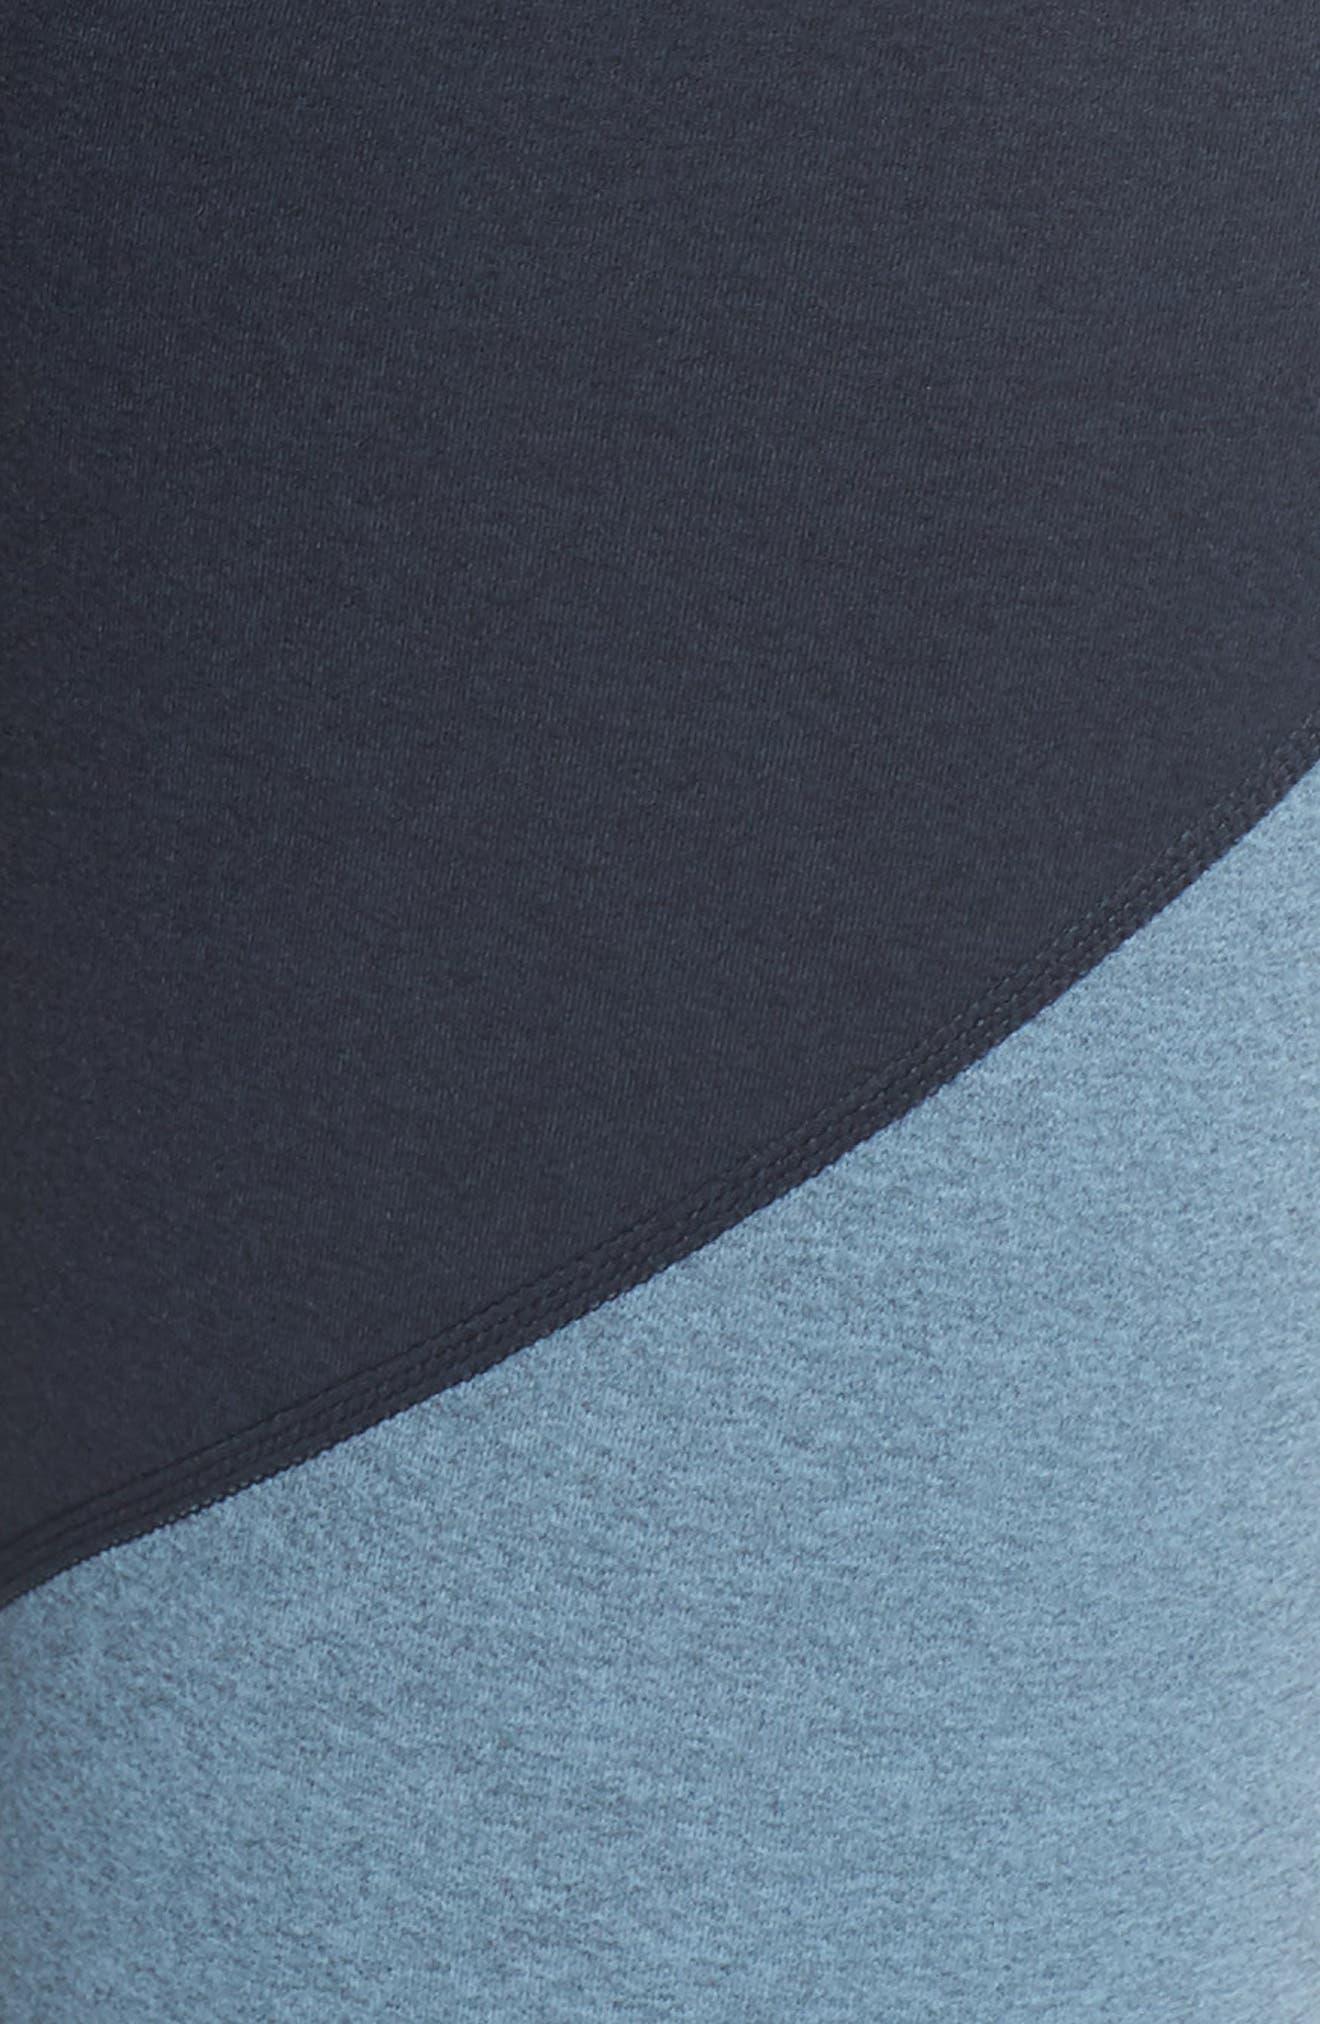 Plush High Waist Midi Leggings,                             Alternate thumbnail 6, color,                             NOCTURNAL NAVY/ LIGHT BLUE